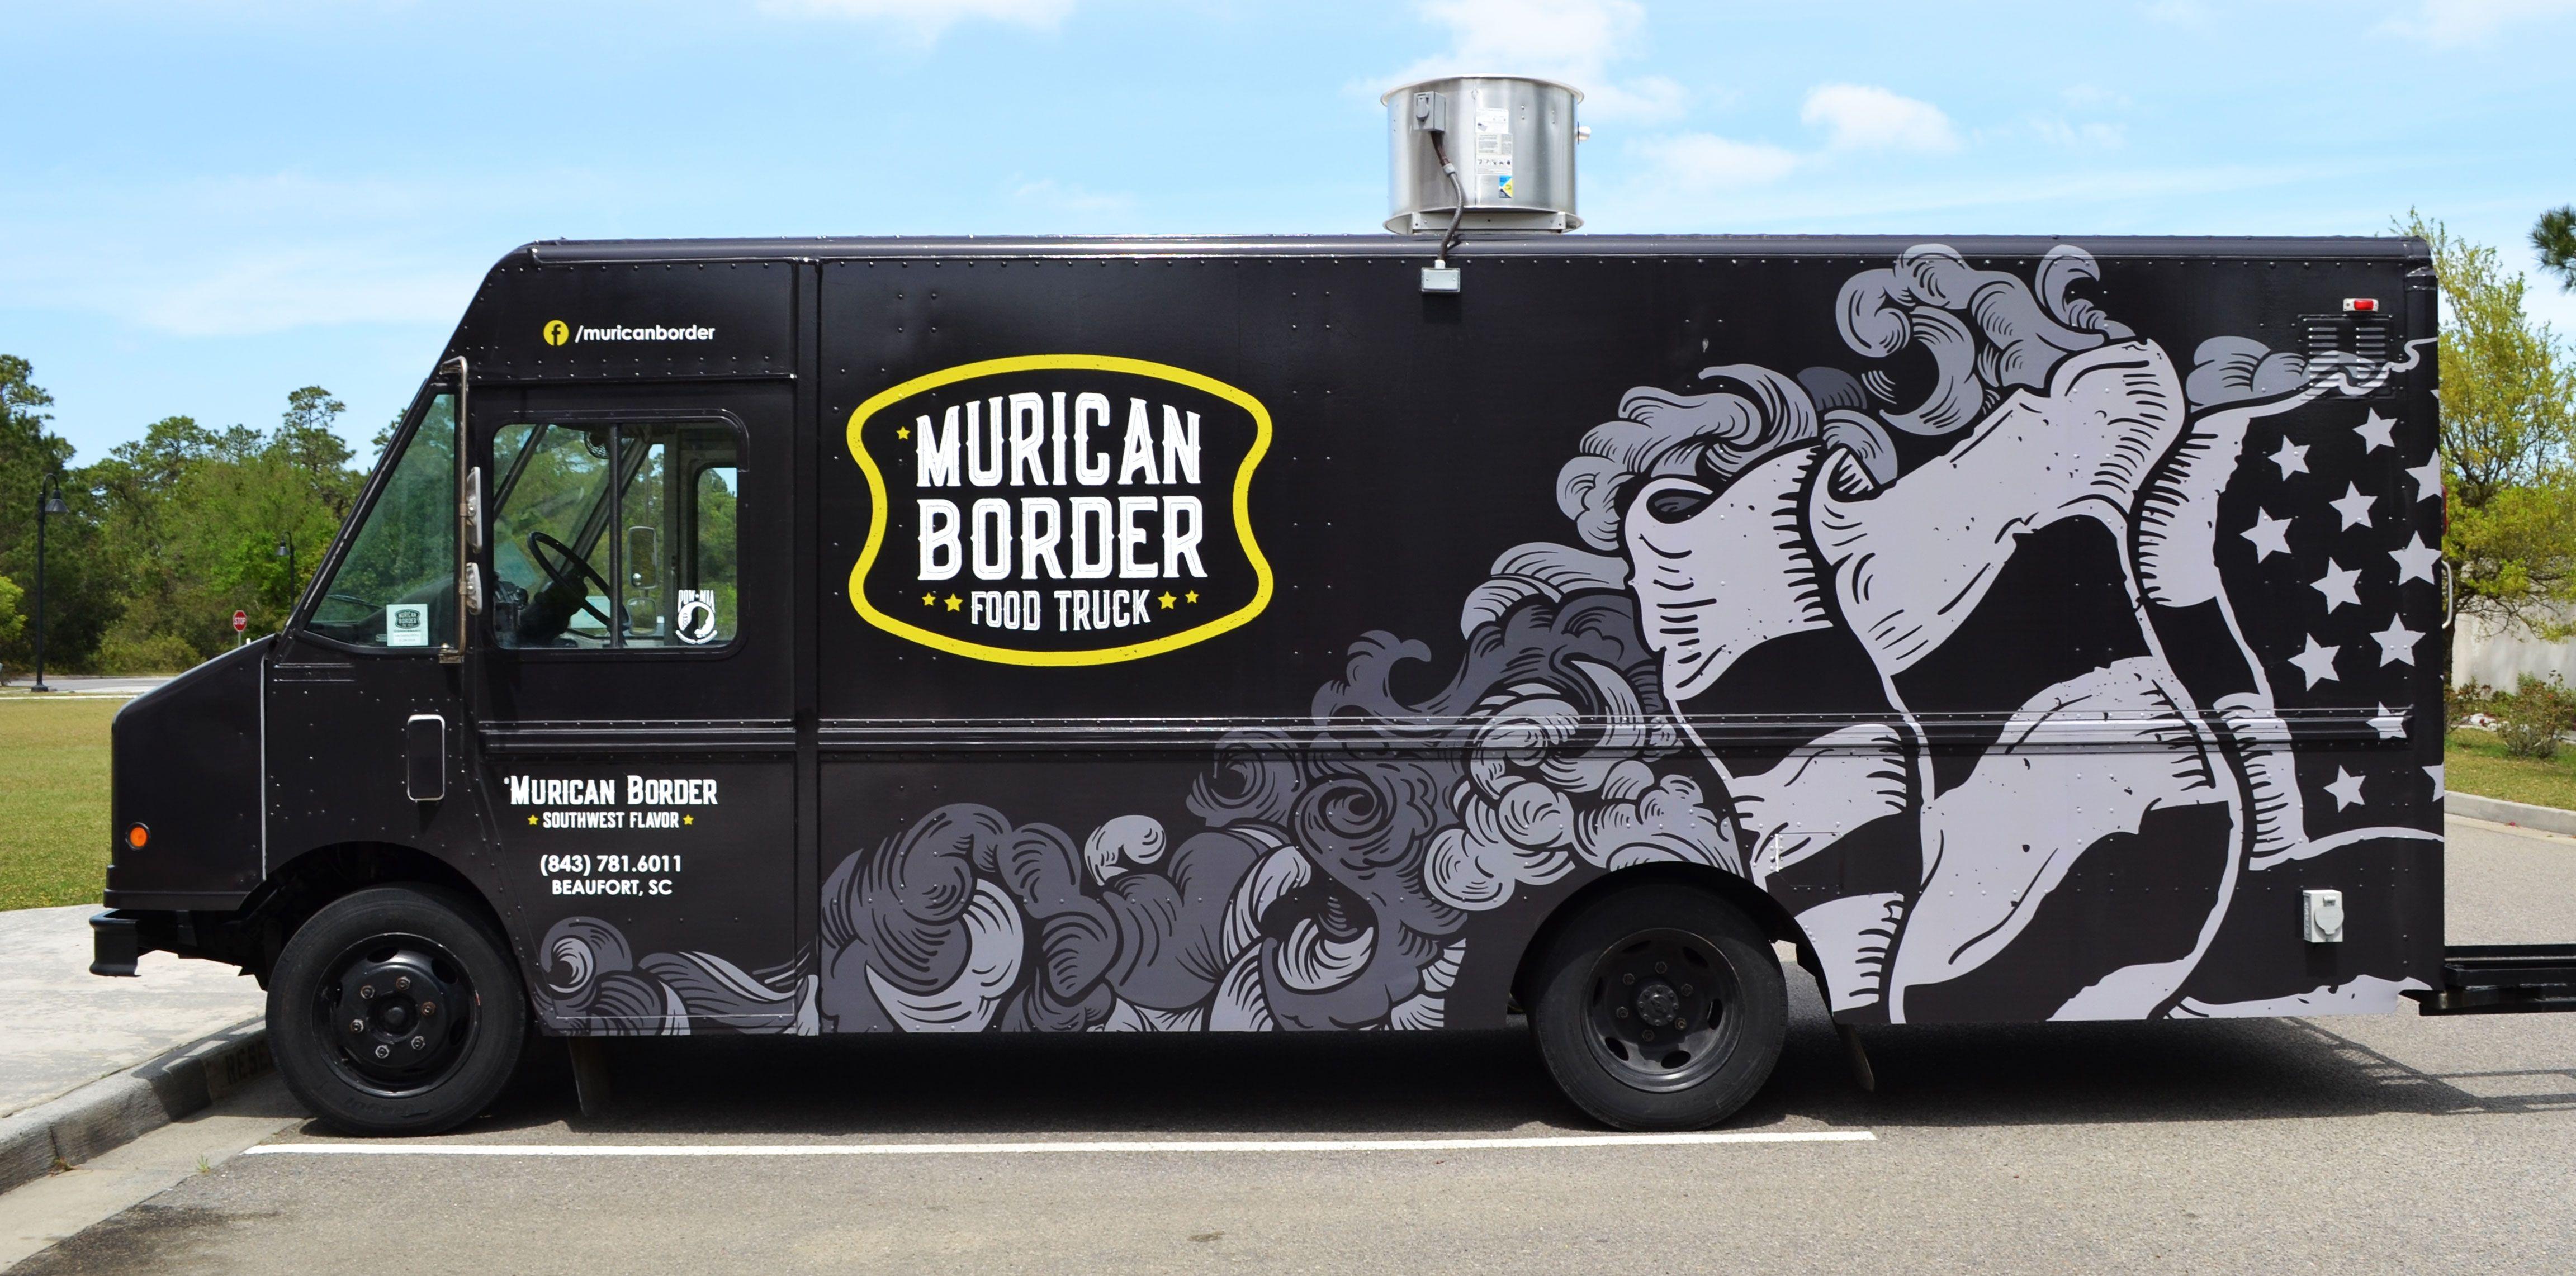 Food Truck Wrap Design Vintage Illustration With Images